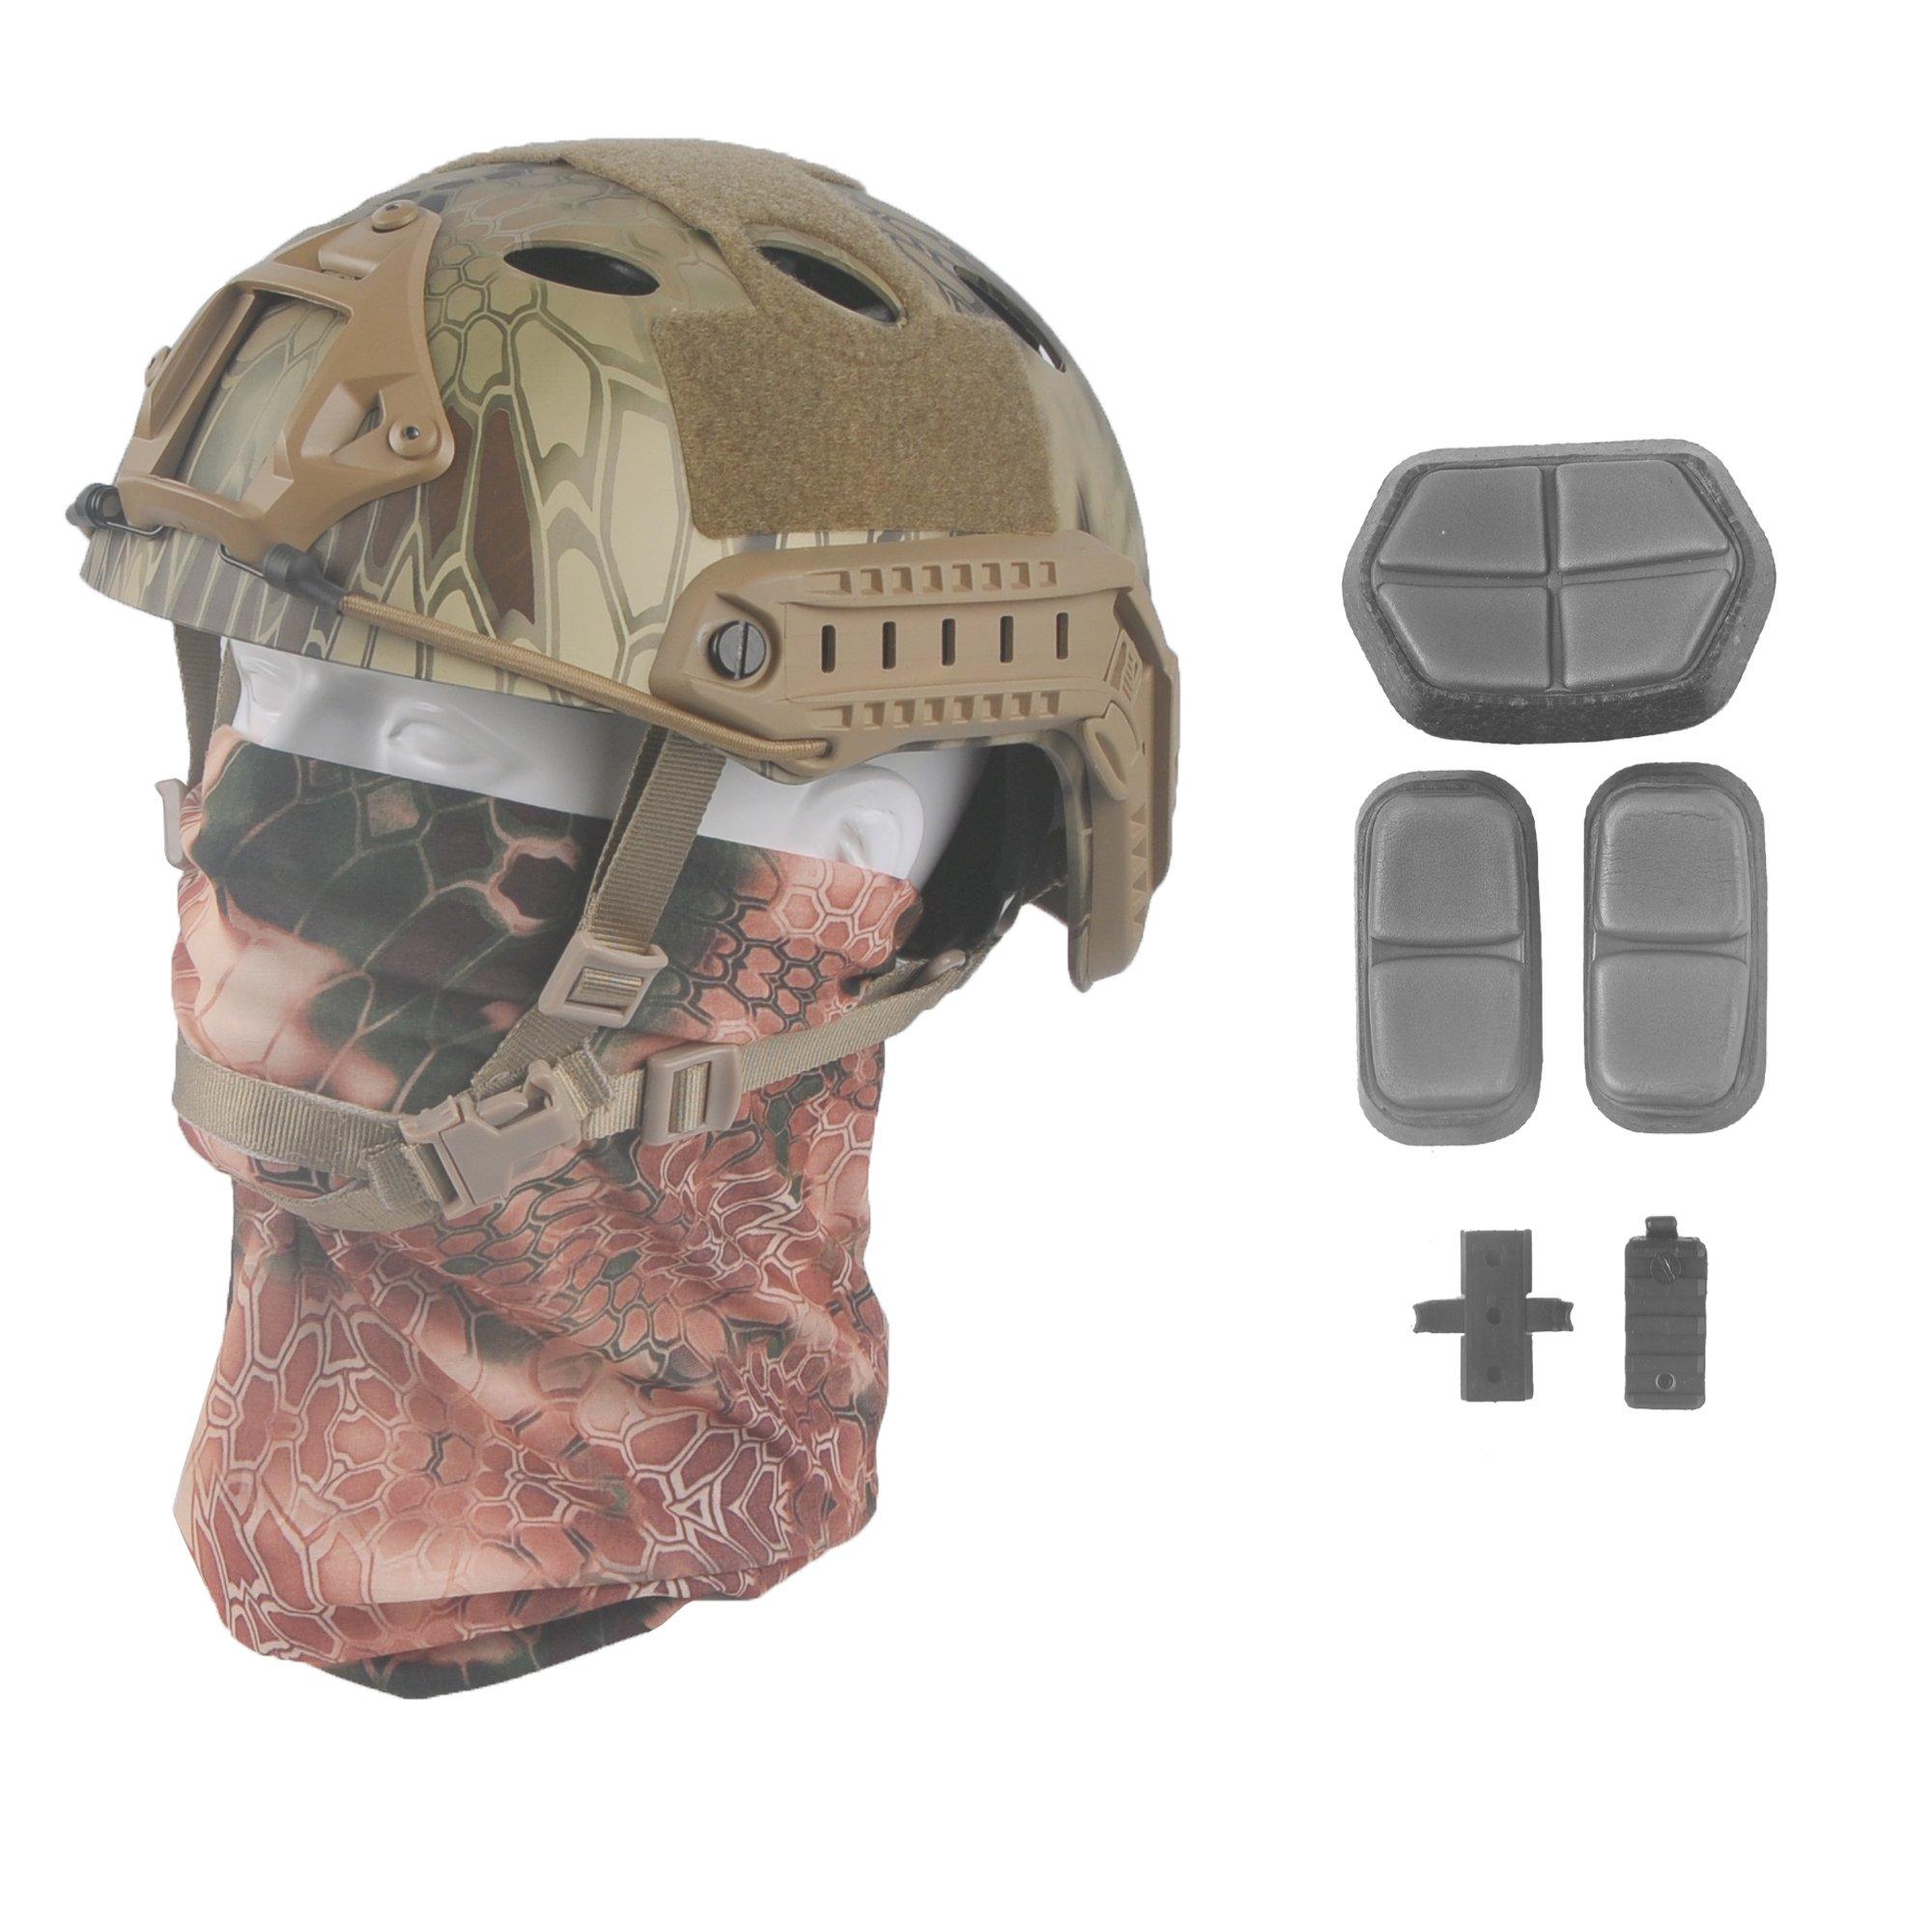 LOOGU Fast PJ Base Jump Military Helmet with 12-in-1 Headwear(MANDRAKE) by LOOGU